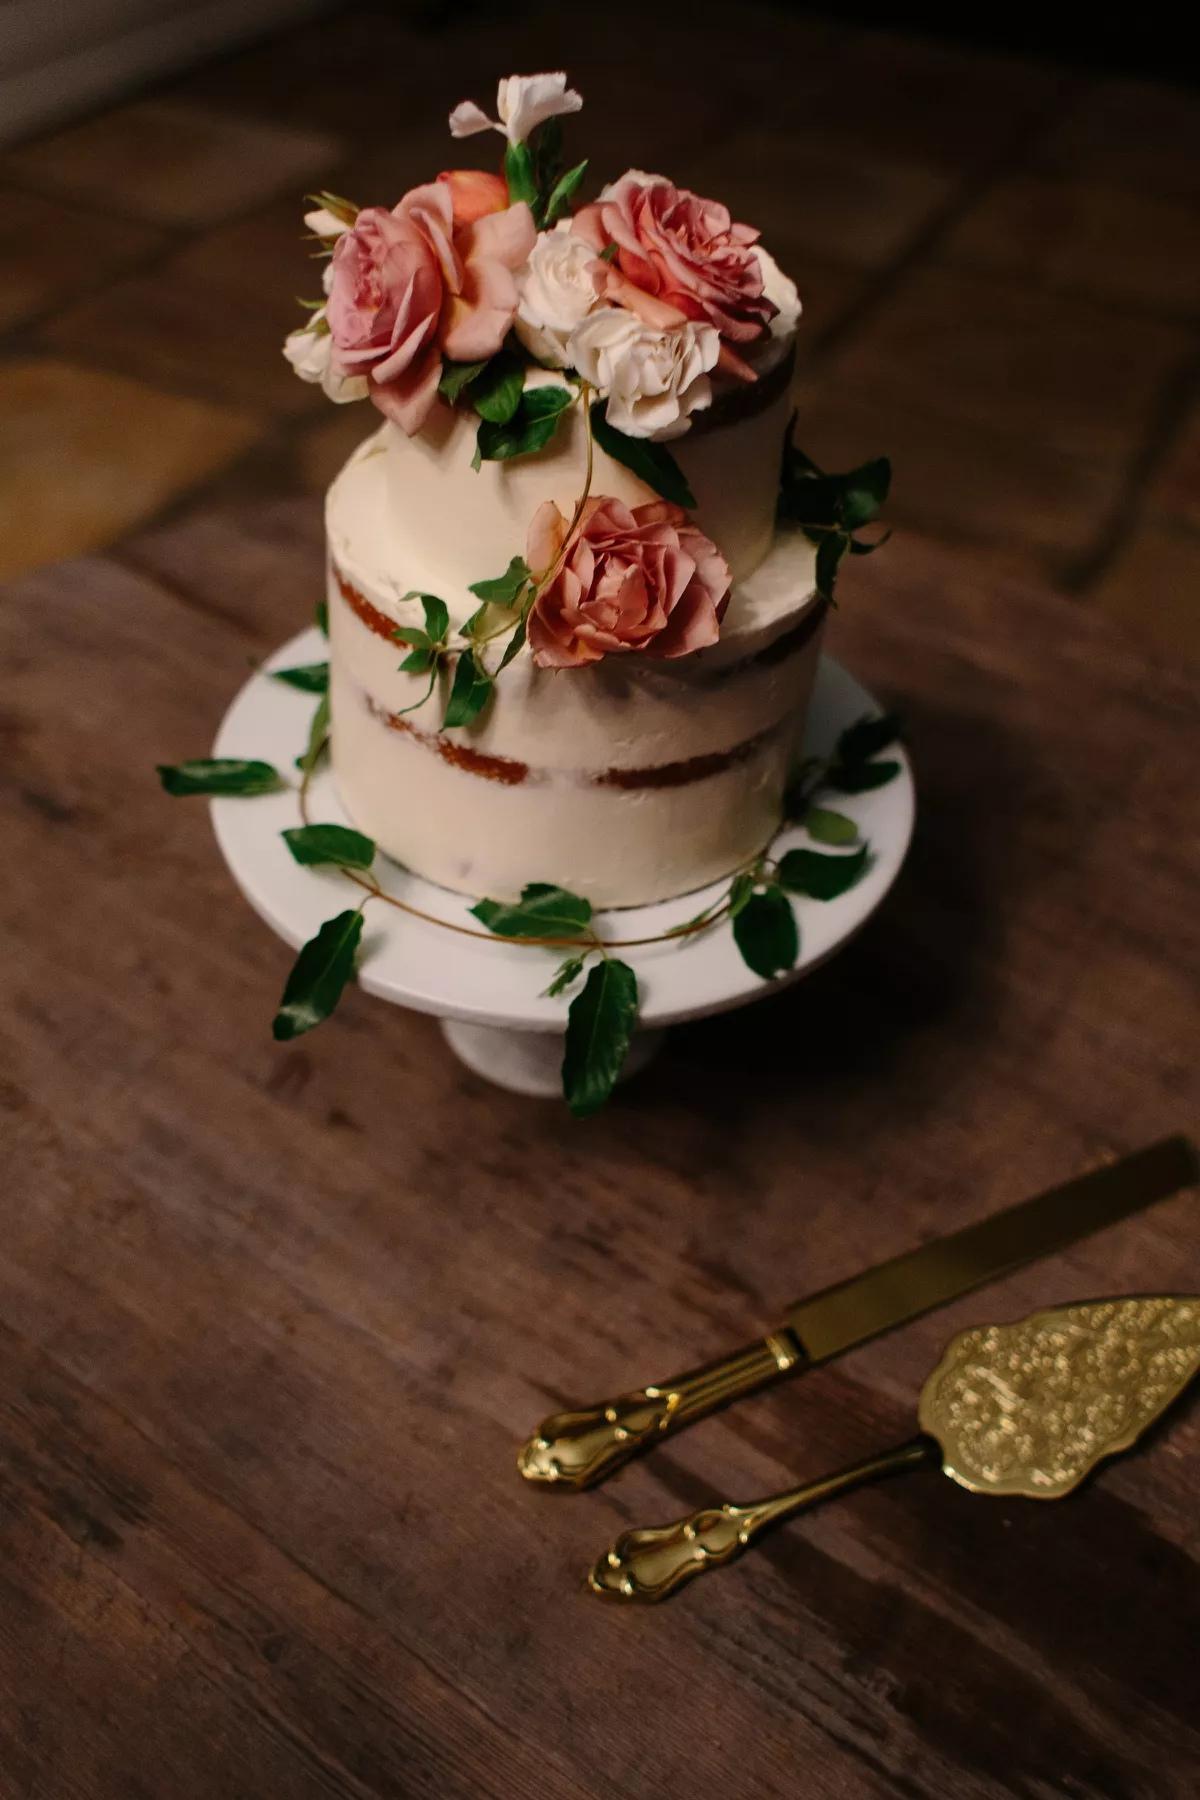 N1rxLP7u29M - Маленькие свадебные торты